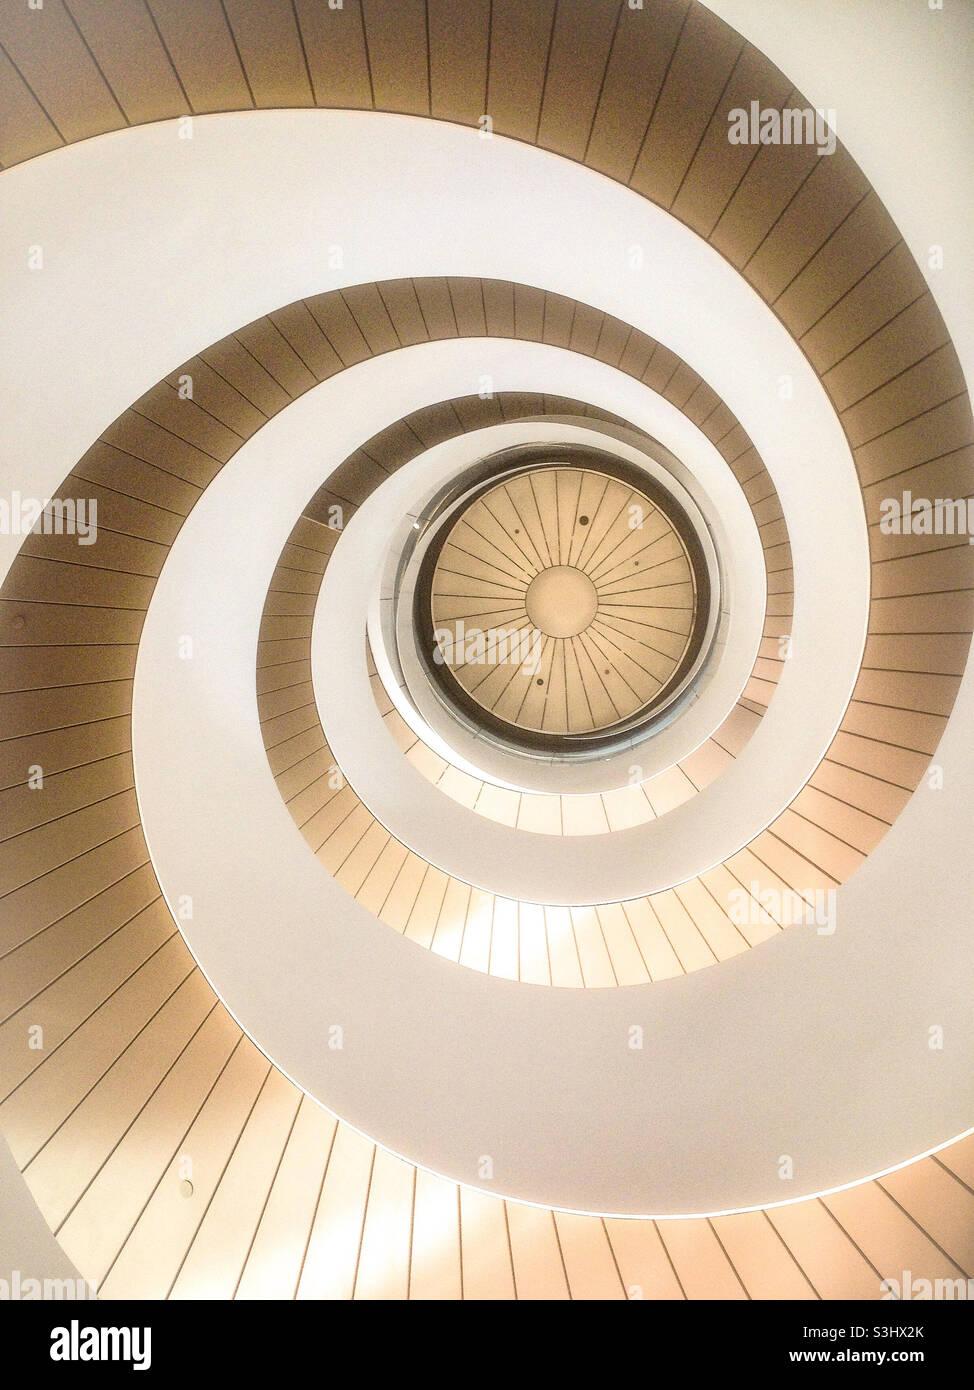 La scala a doppia elica presso l'Università di tecnologia Sydney Australia dal basso diventa astratta Foto Stock